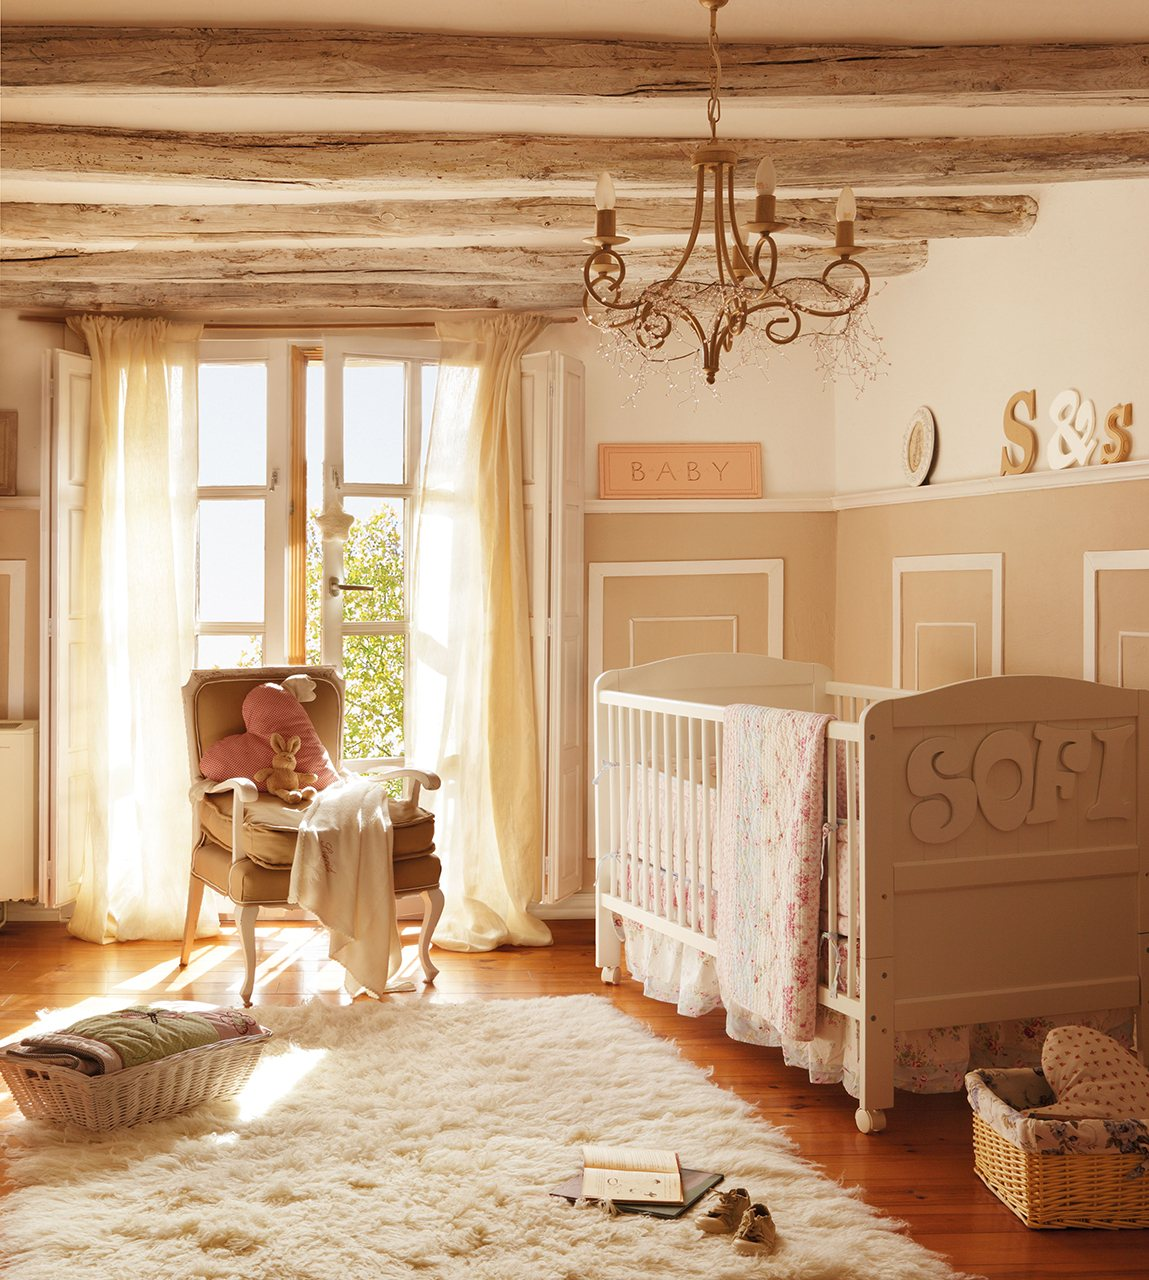 Decorar su primer dormitorio - Dormitorio beige ...